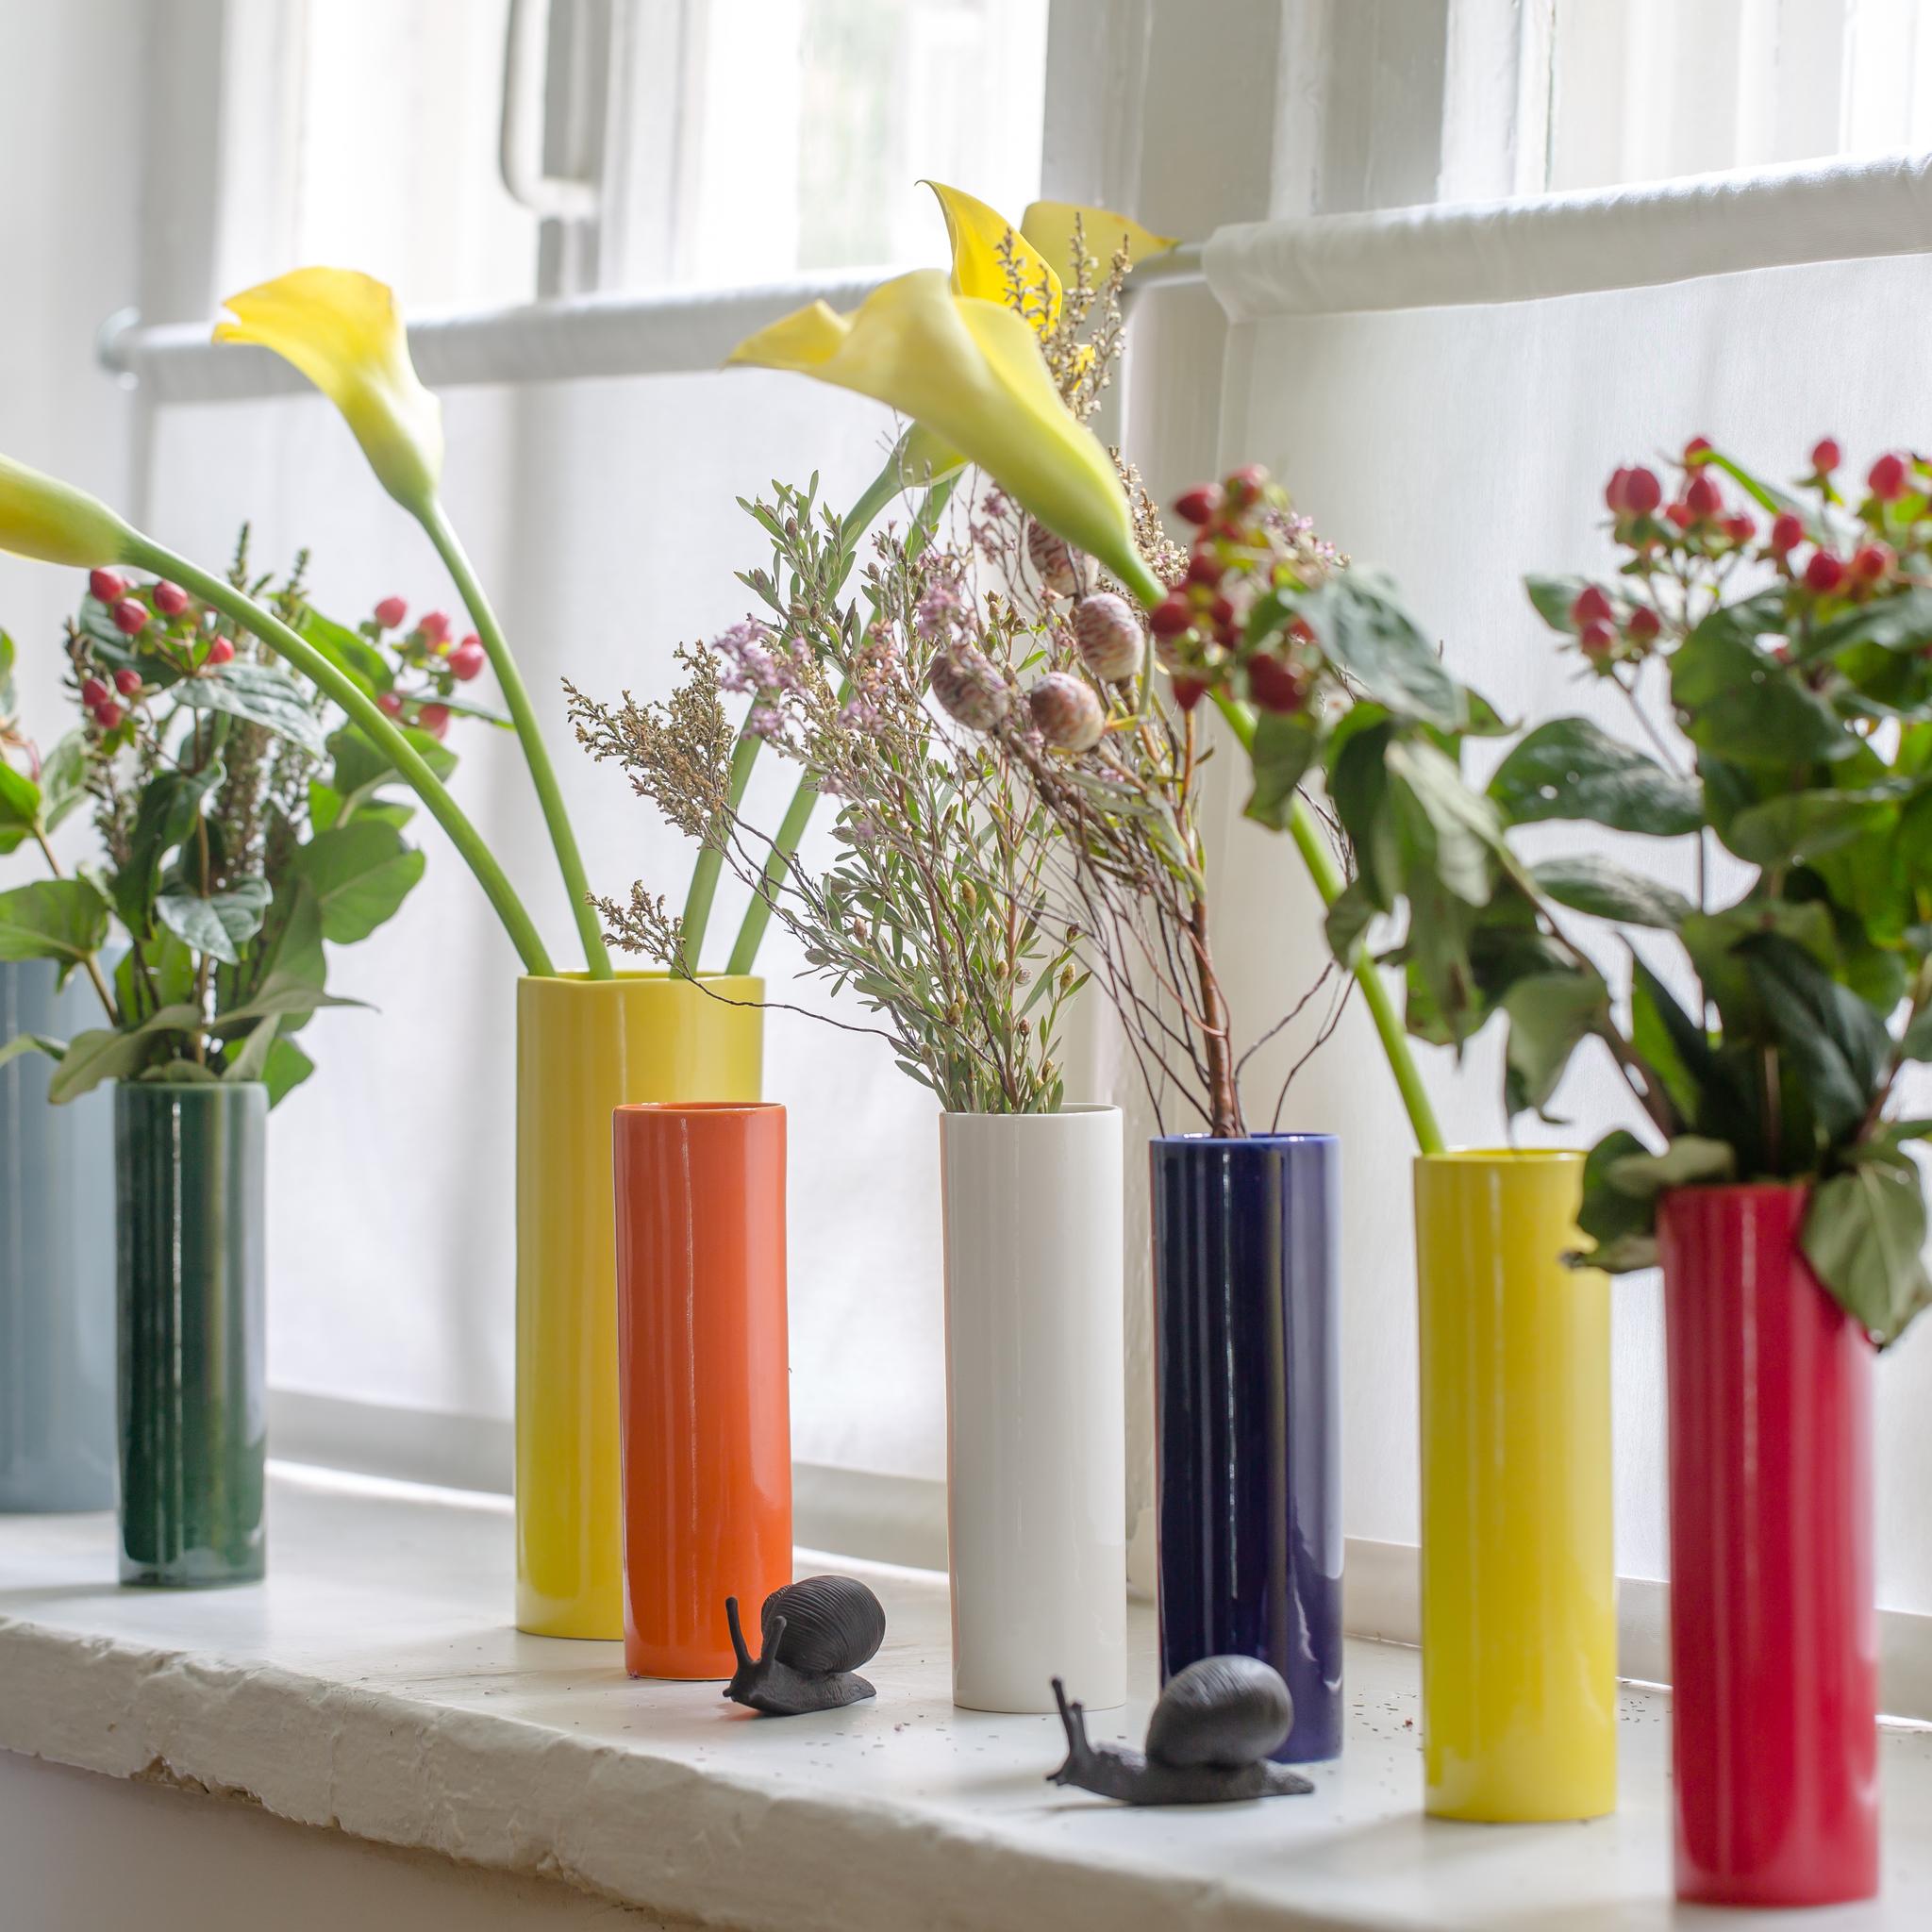 Мини-вазы для одного цветка